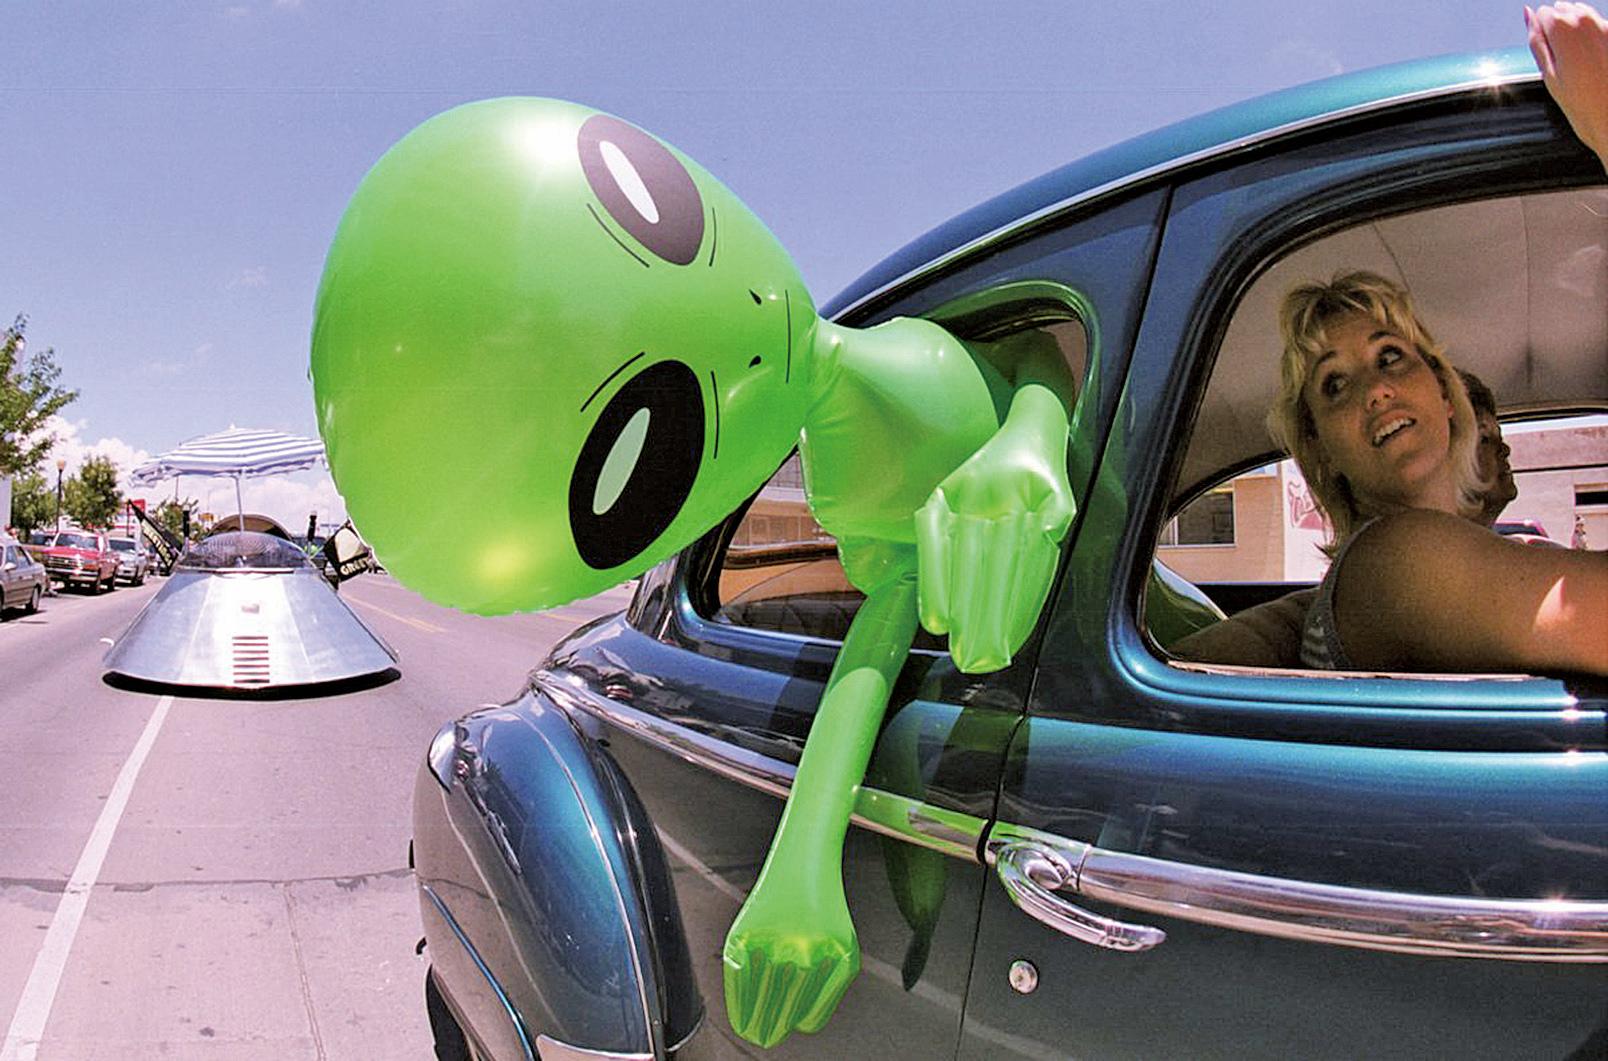 2000年7月1日,在新墨西哥州羅斯威爾市舉行的第53屆UFO節日活動上, 一個婦女帶著外星人娃娃在市內閒逛。(Joe Raedle/Newsmakers/Getty Images)